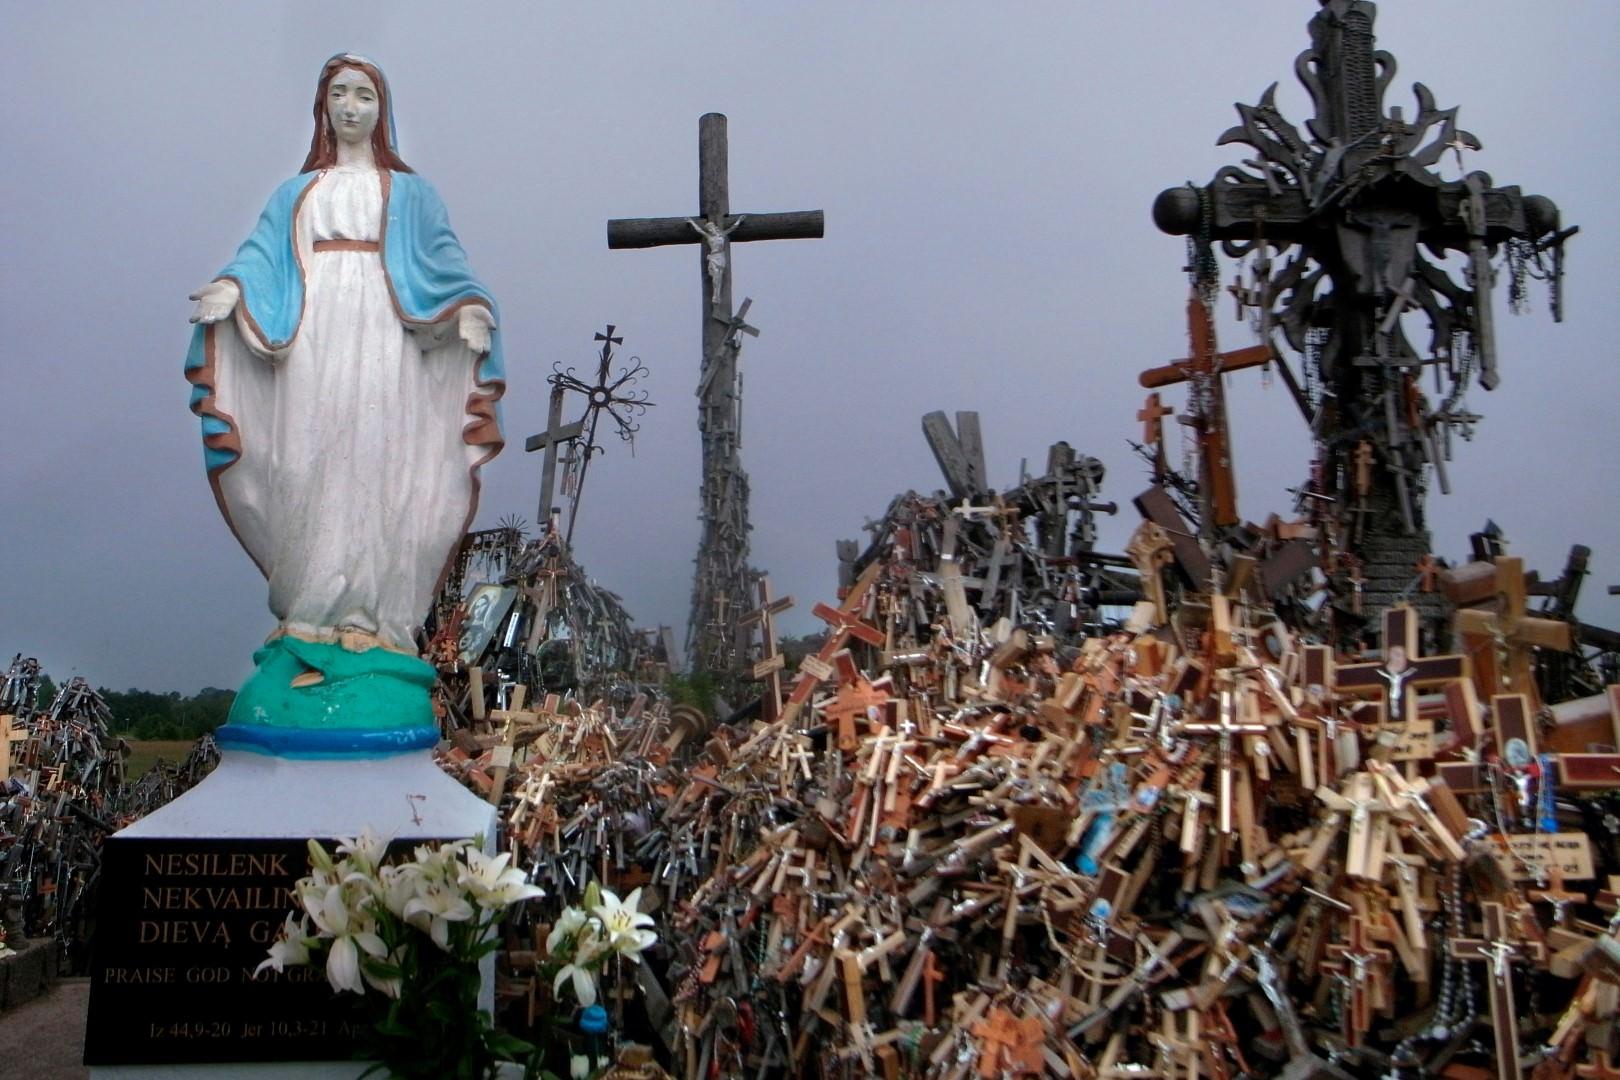 Erdei Krisztina, Keresztek hegye, Litvánia [Antiglamour 64 (sorozat)] I Hill of Crosses, Lithuania [Antiglamour 64 (series)], 2011 © Erdei Krisztina